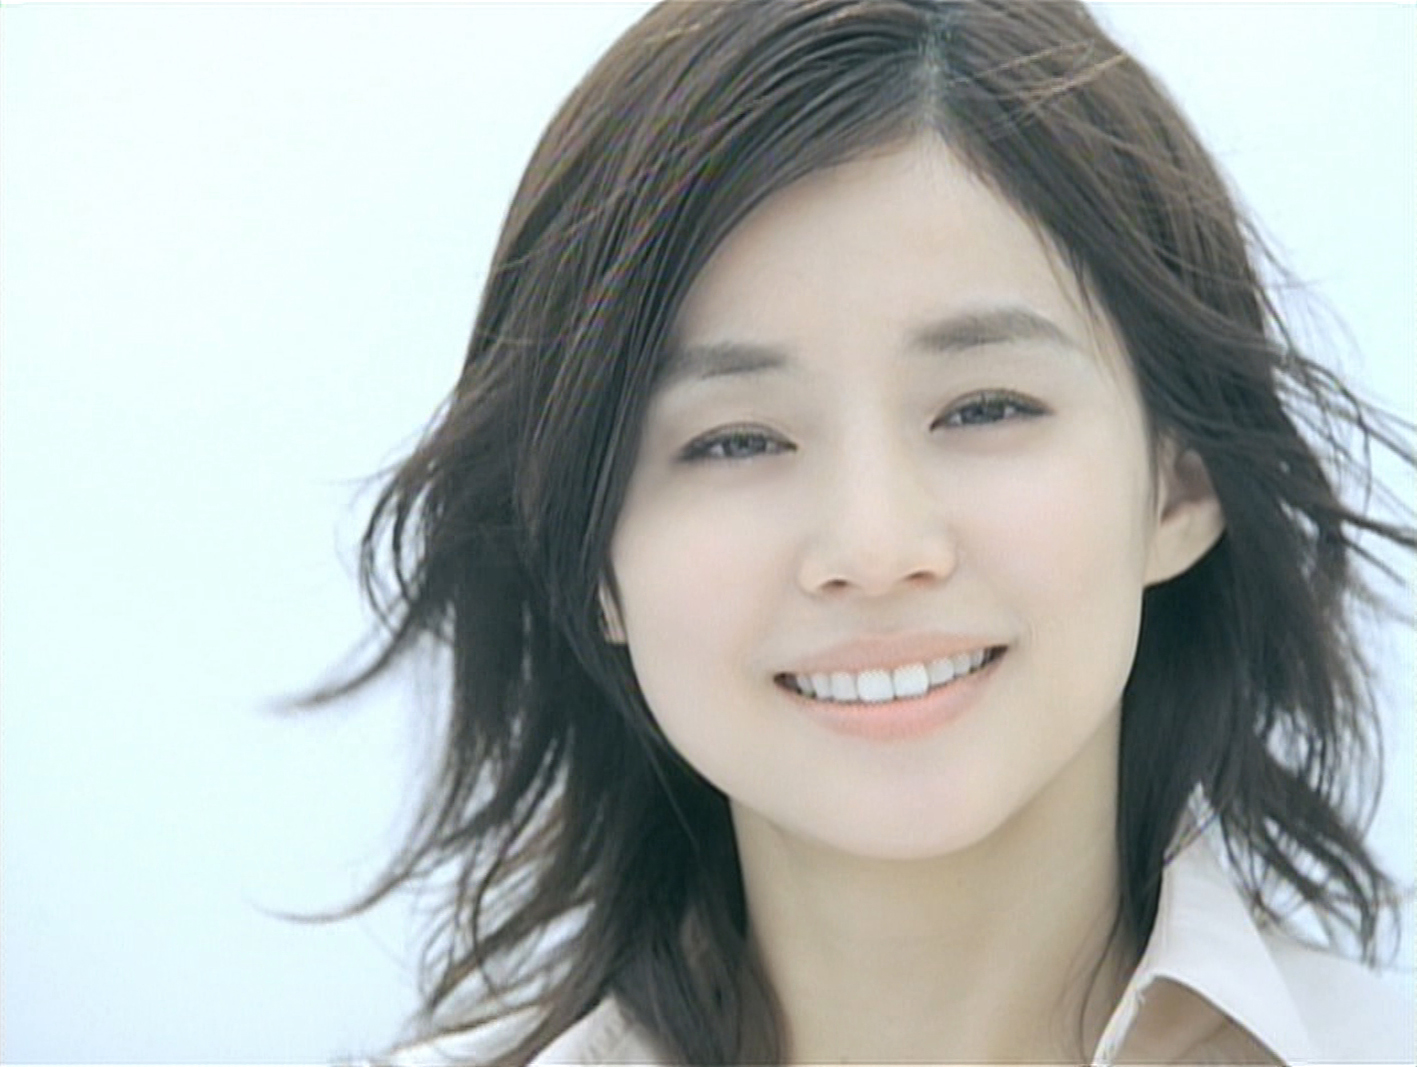 メディアで大活躍の女優・石田ゆり子の演じるドラマとその魅力は?のサムネイル画像